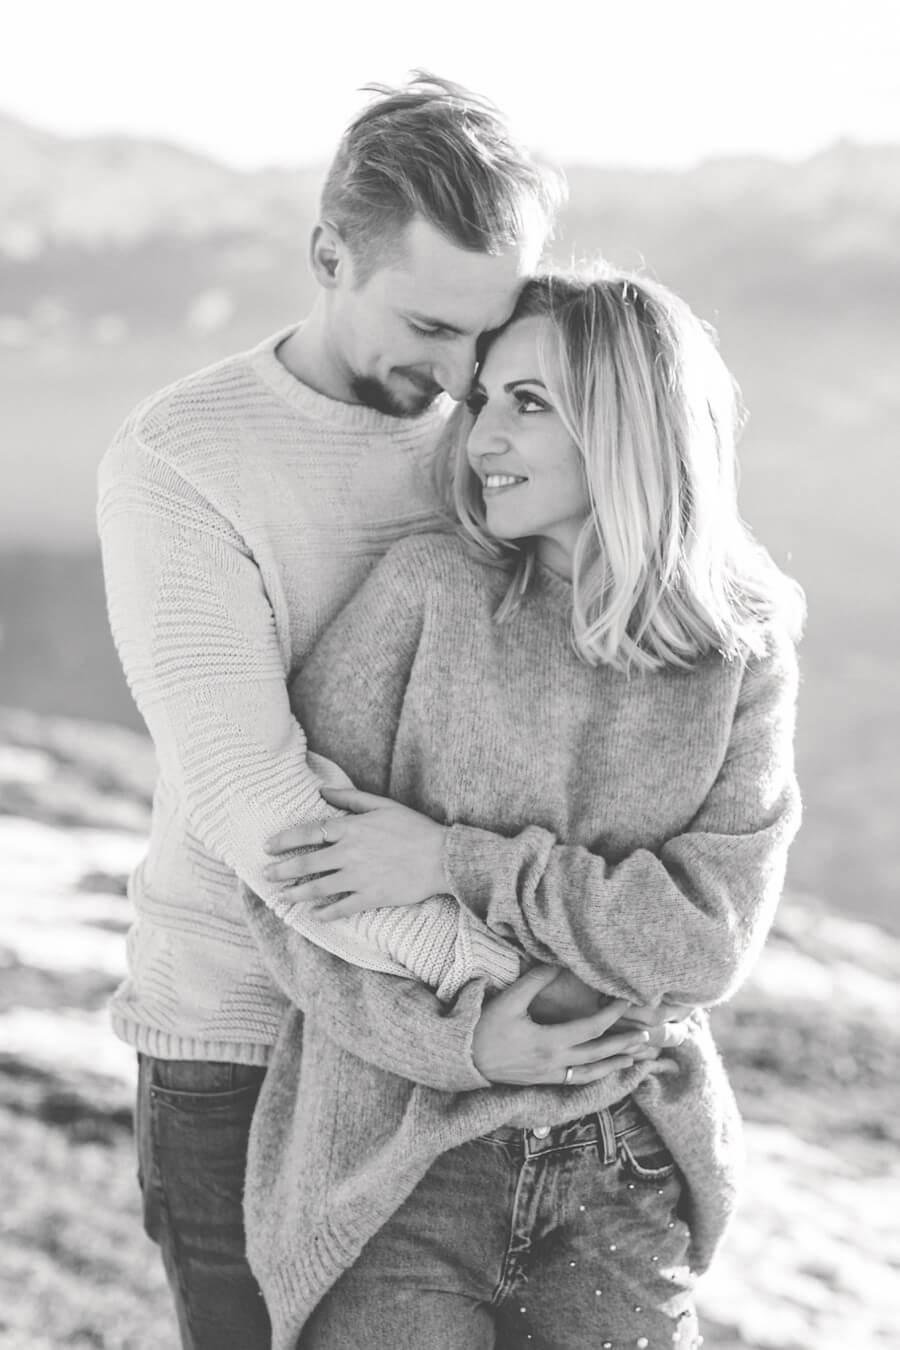 Ideen und Inspiration für ein unvergessliches Verlobungsshooting   Stefanie Reindl Photography